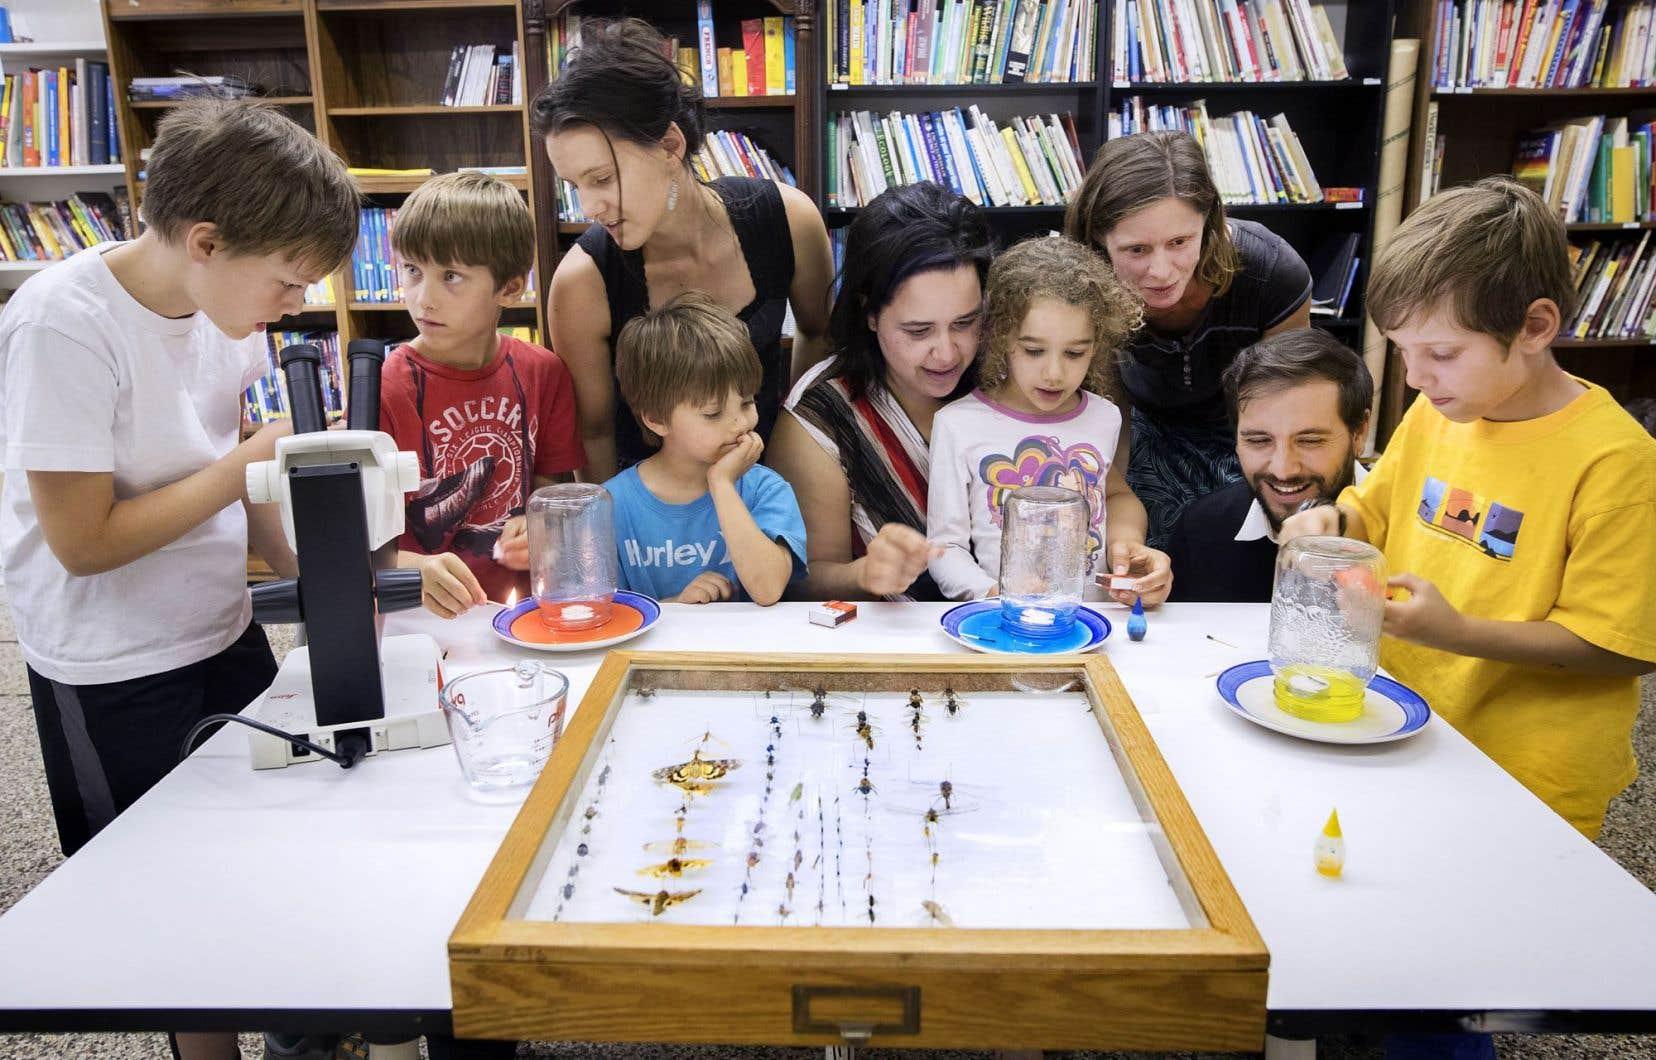 Des familles membres de l'Association québécoise pour l'éducation à domicile étaient réunies hier pour faire des activités de socialisation. Ici, elles réalisent un projet de sciences naturelles.